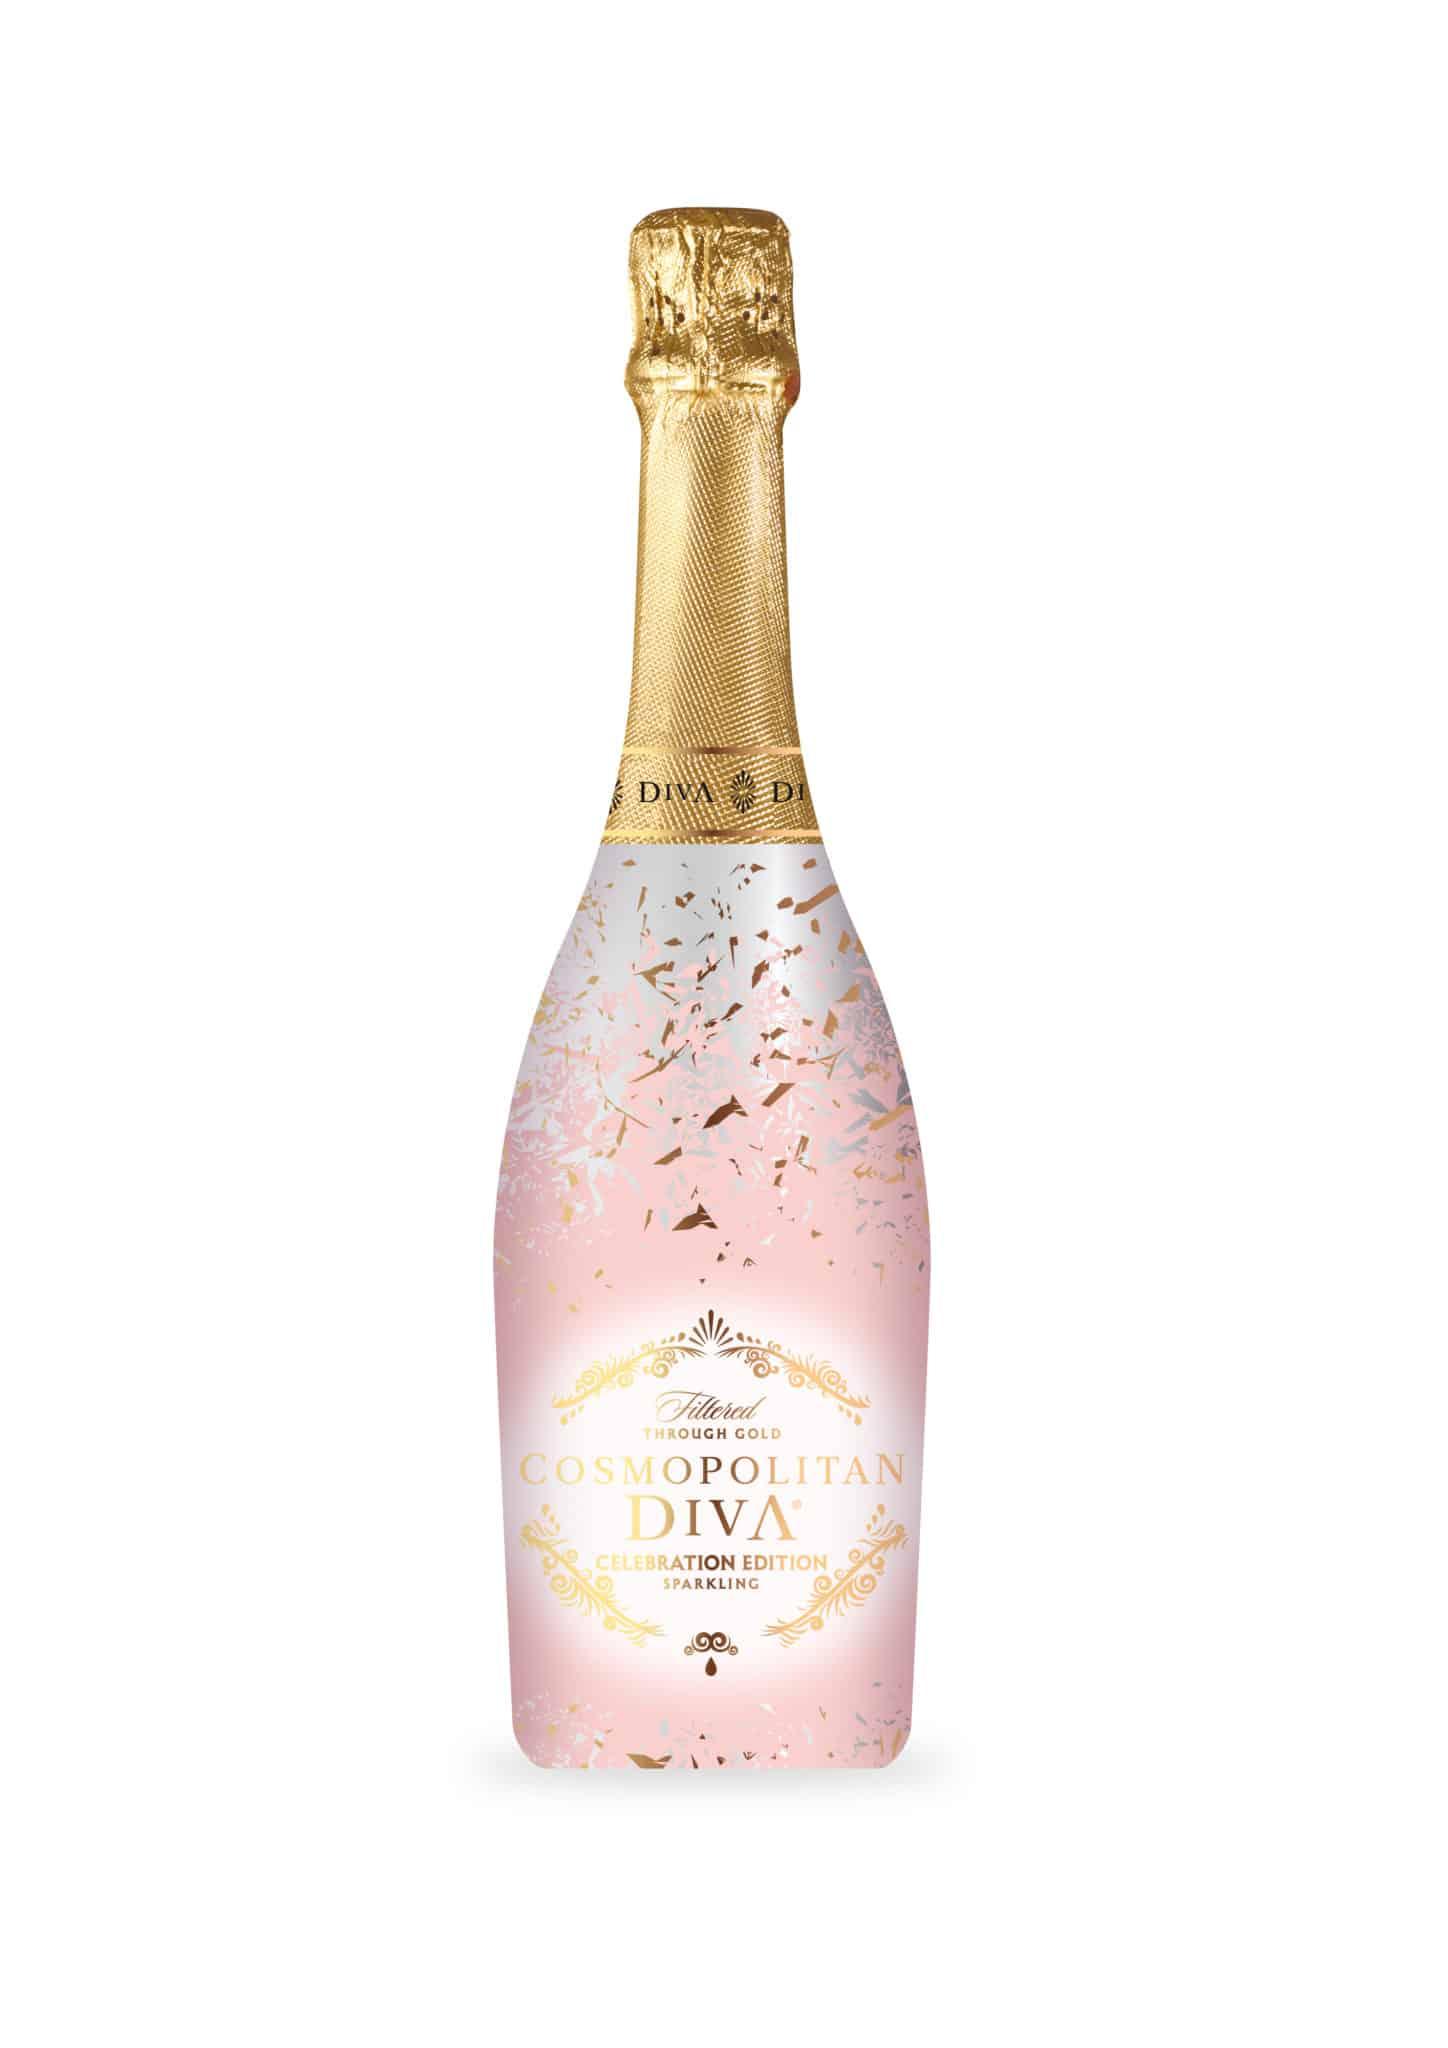 לשנה האזרחית החדשה: משקה דיווה קוסמופוליטן מבעבע בטעם אפרסק